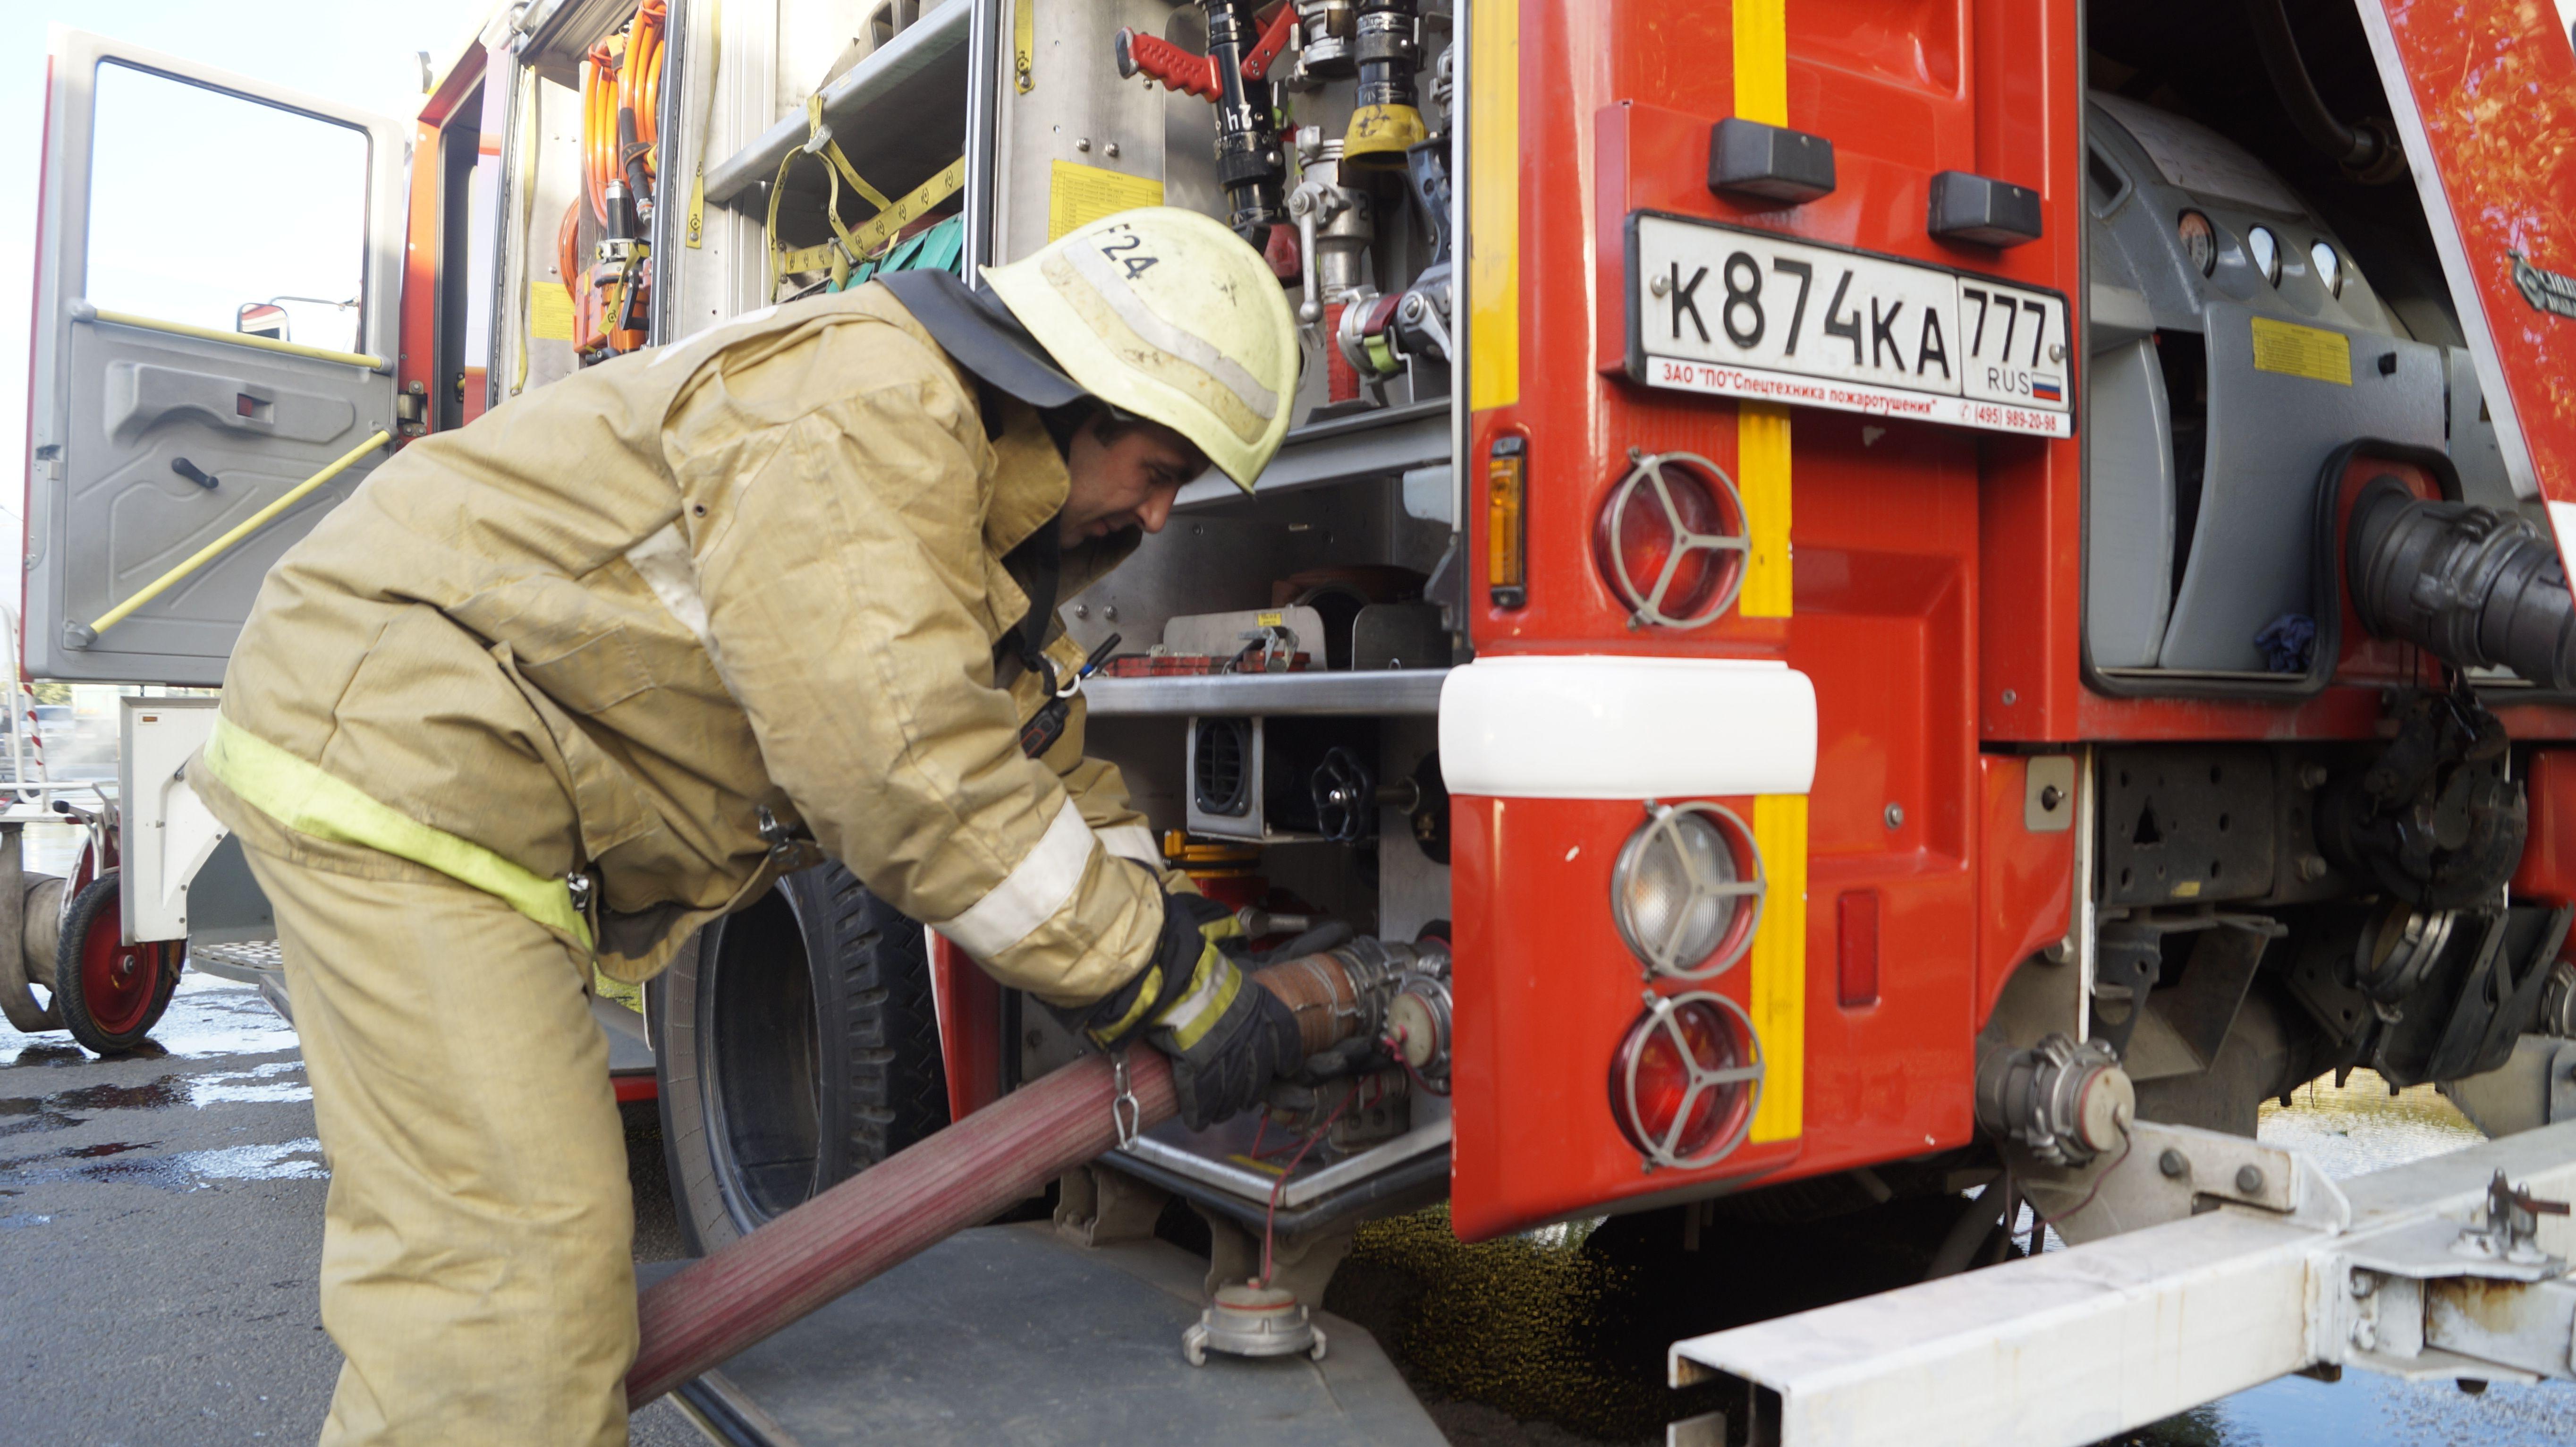 Восьмерых человек спасли из пожара на юго-востоке Москвы